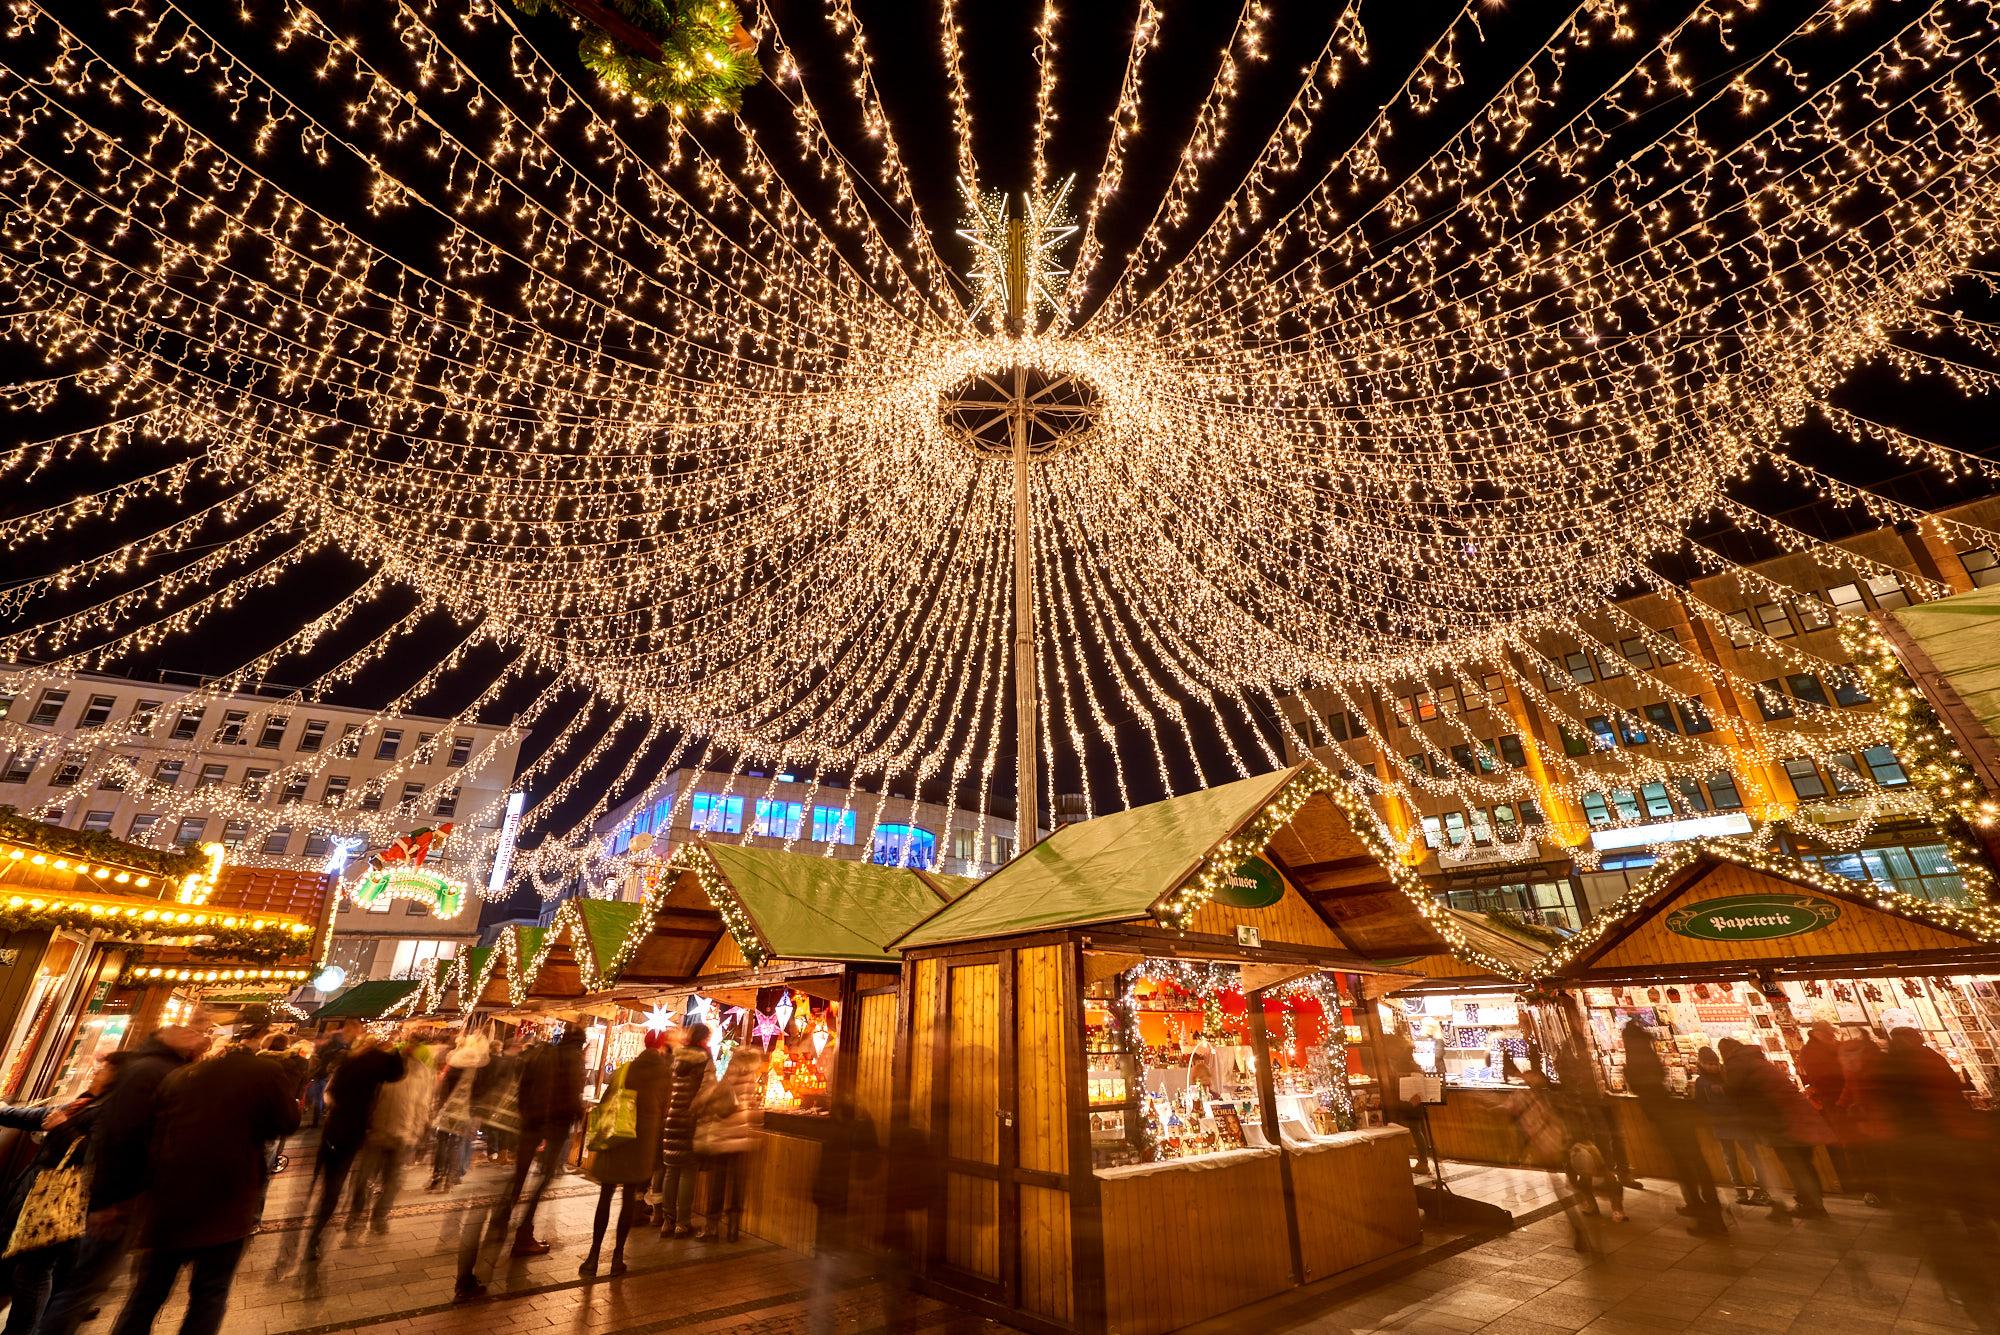 Das Bild zeigt den Weihnachtsmarkt in Essen